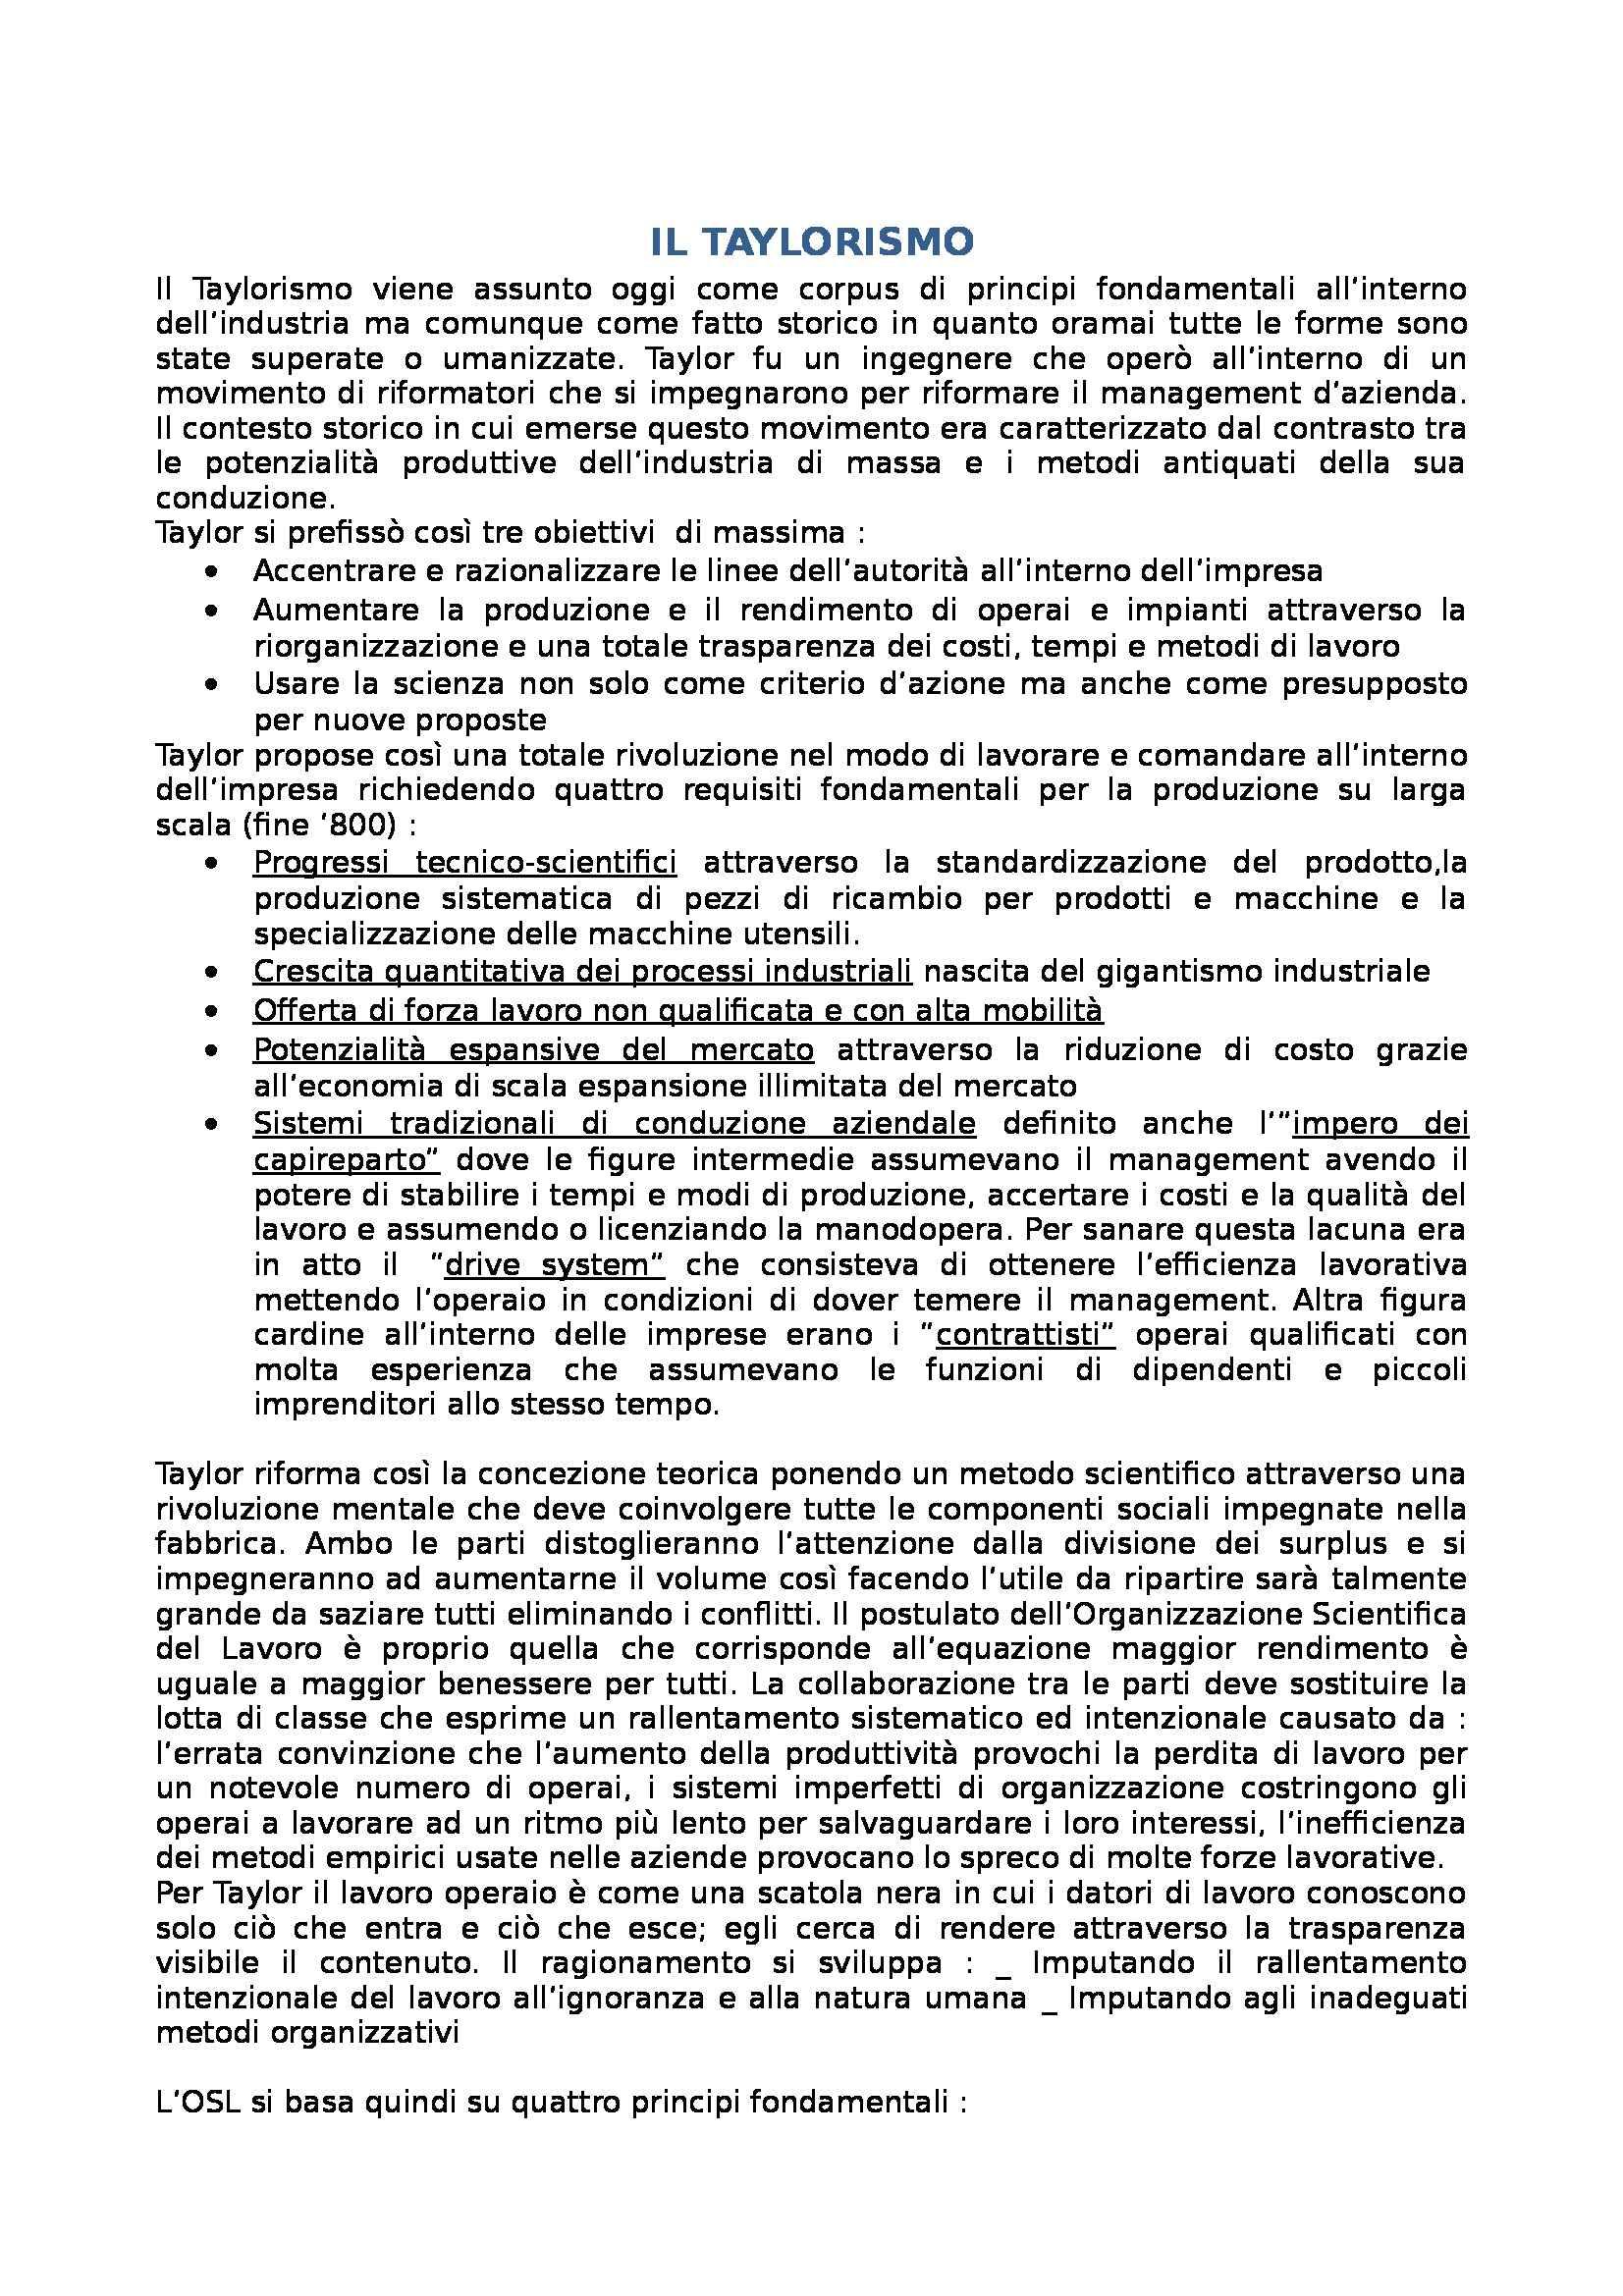 appunto N. Carboni Organizzazione aziendale